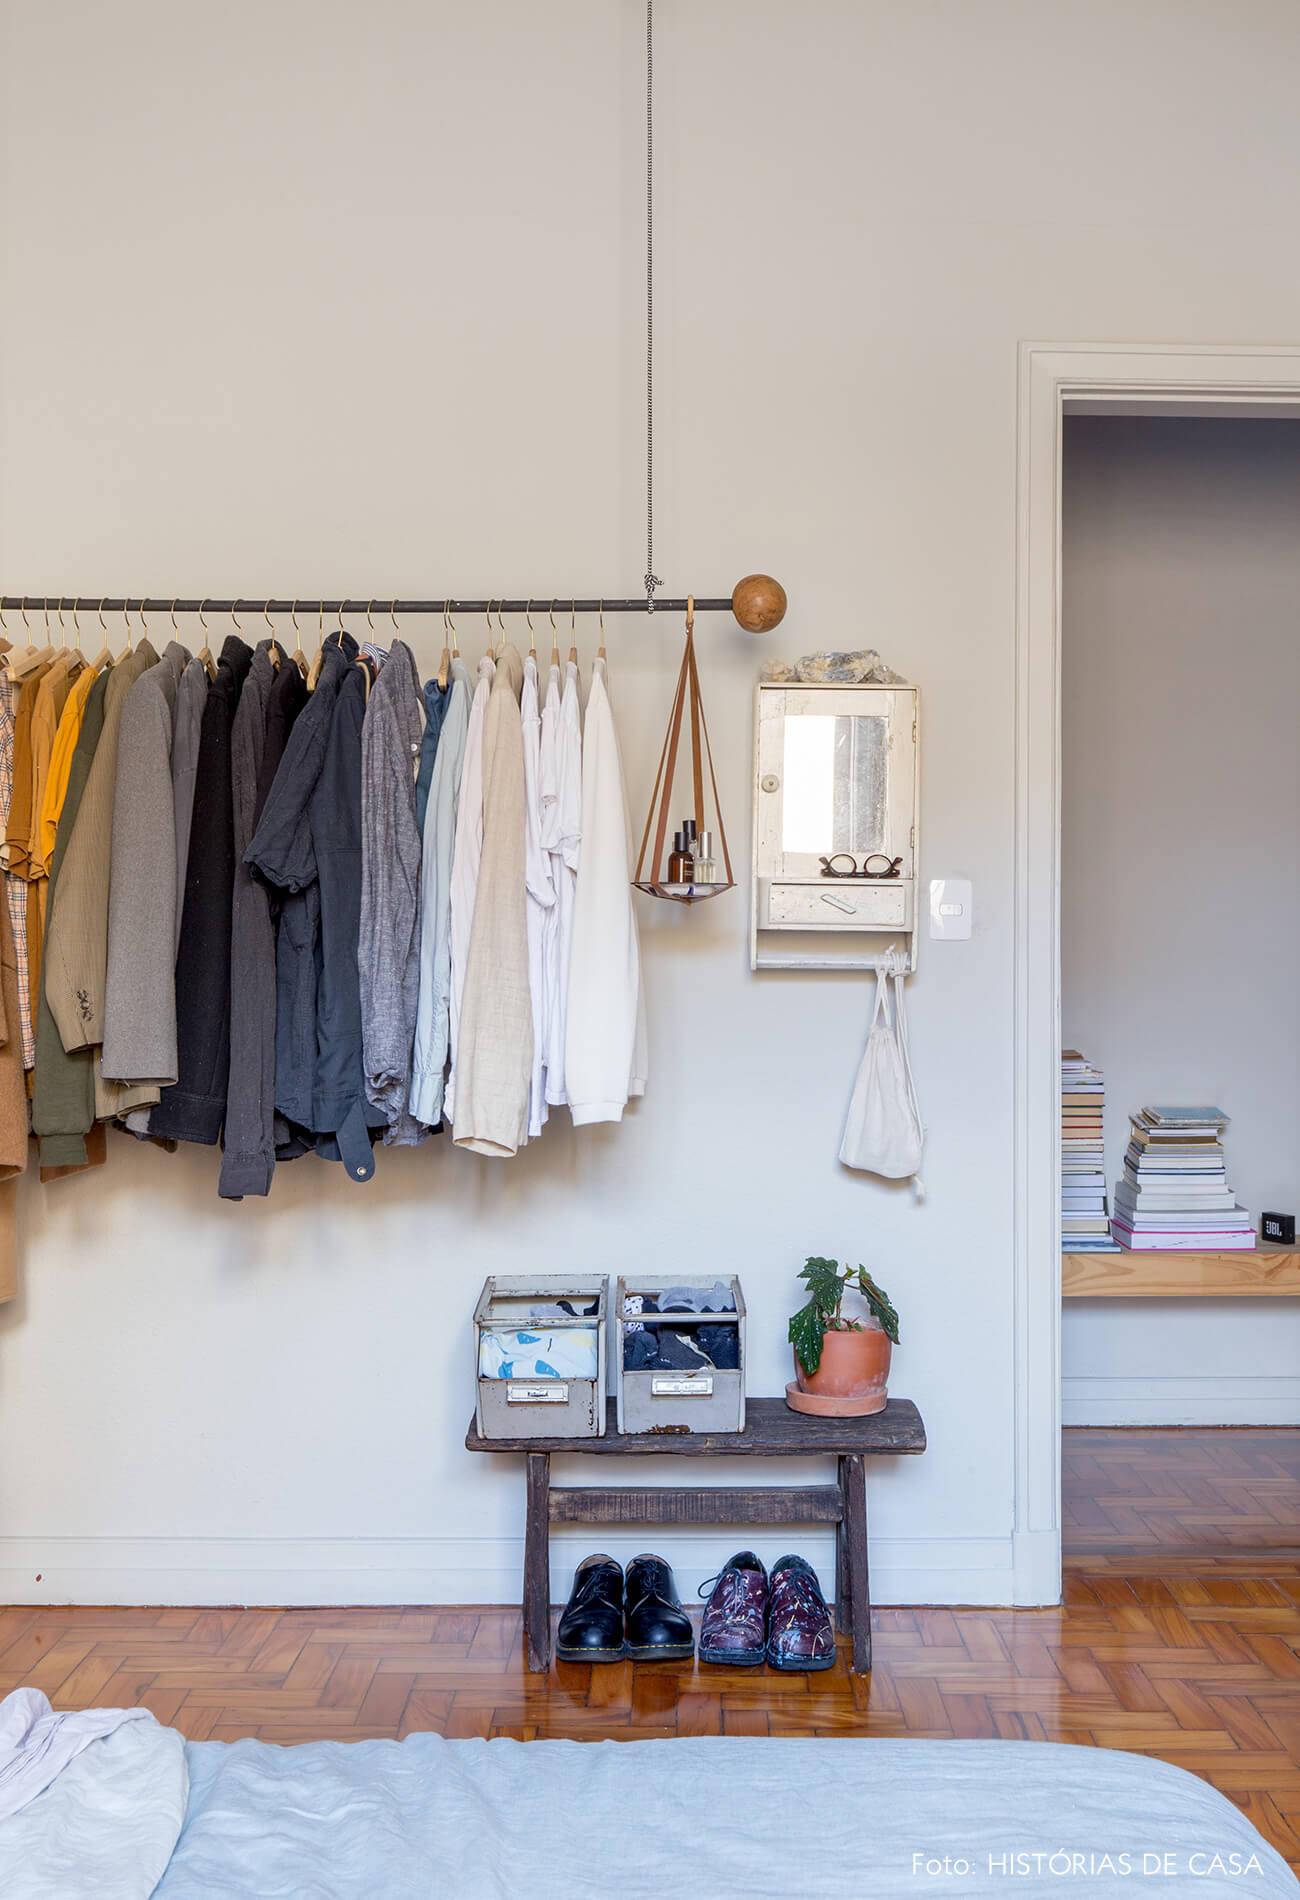 quarto piso de madeira e paredes brancas